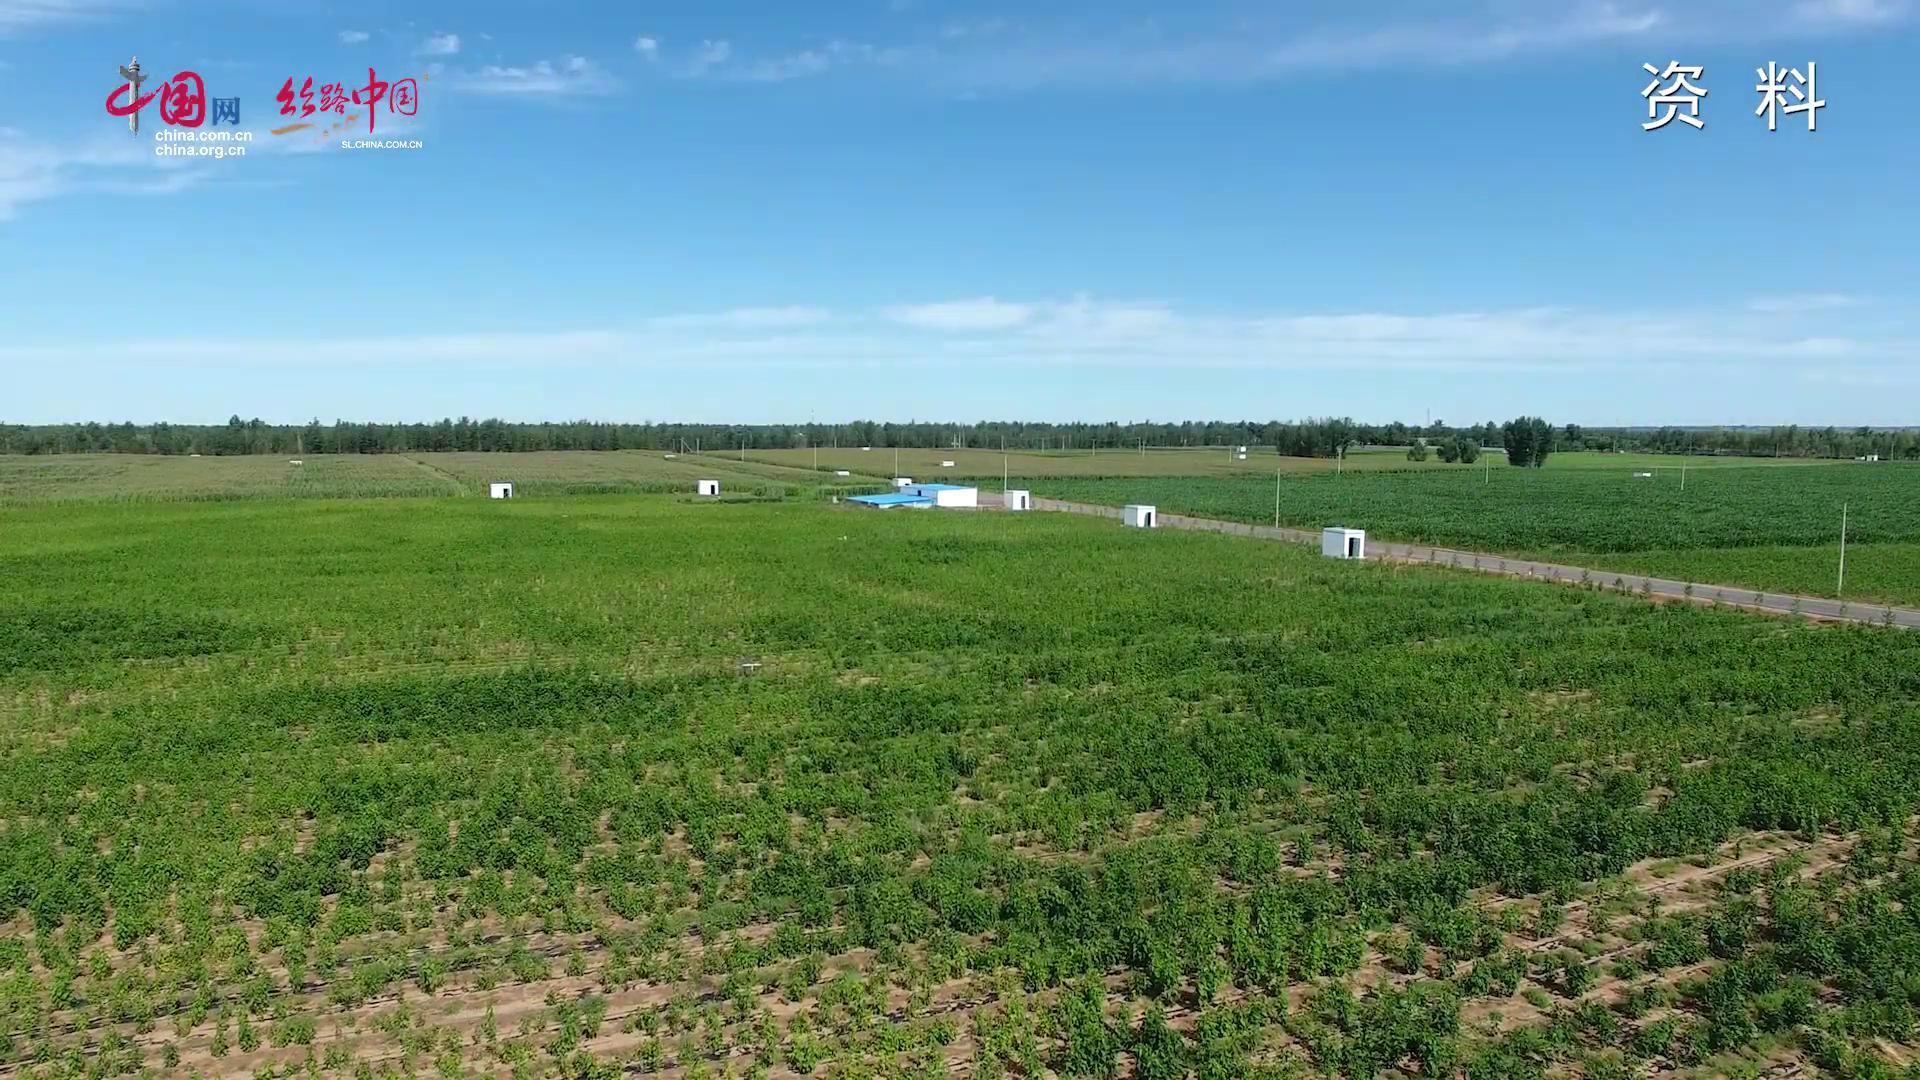 长青集团:黄沙地上健康生态农业探索者